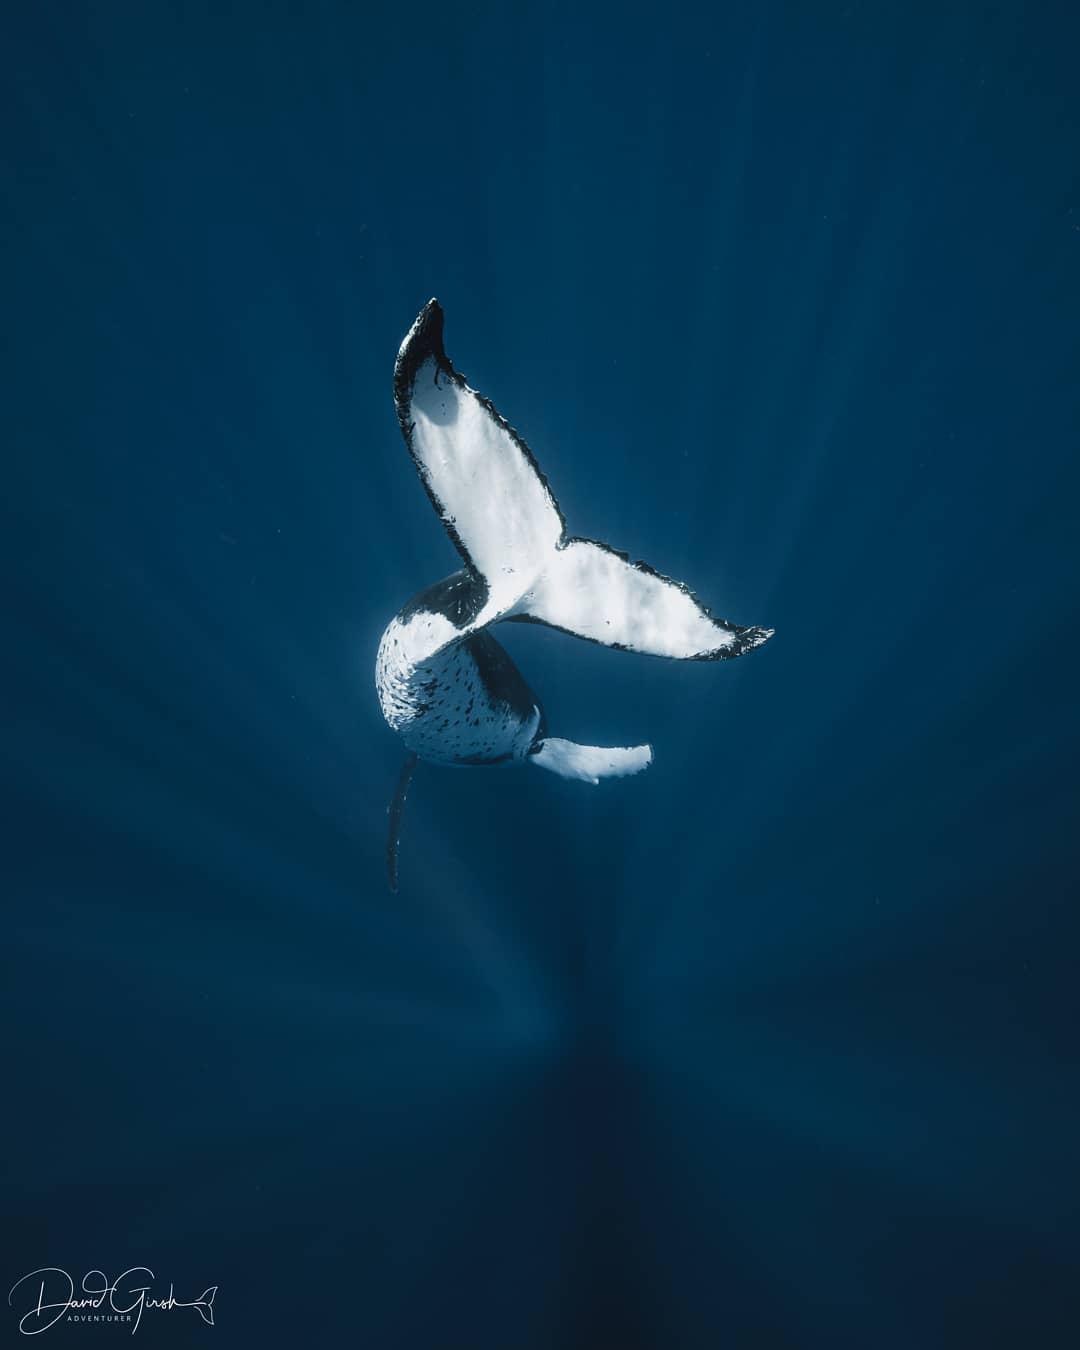 Удивительные подводные снимки от Дэвида Гирша